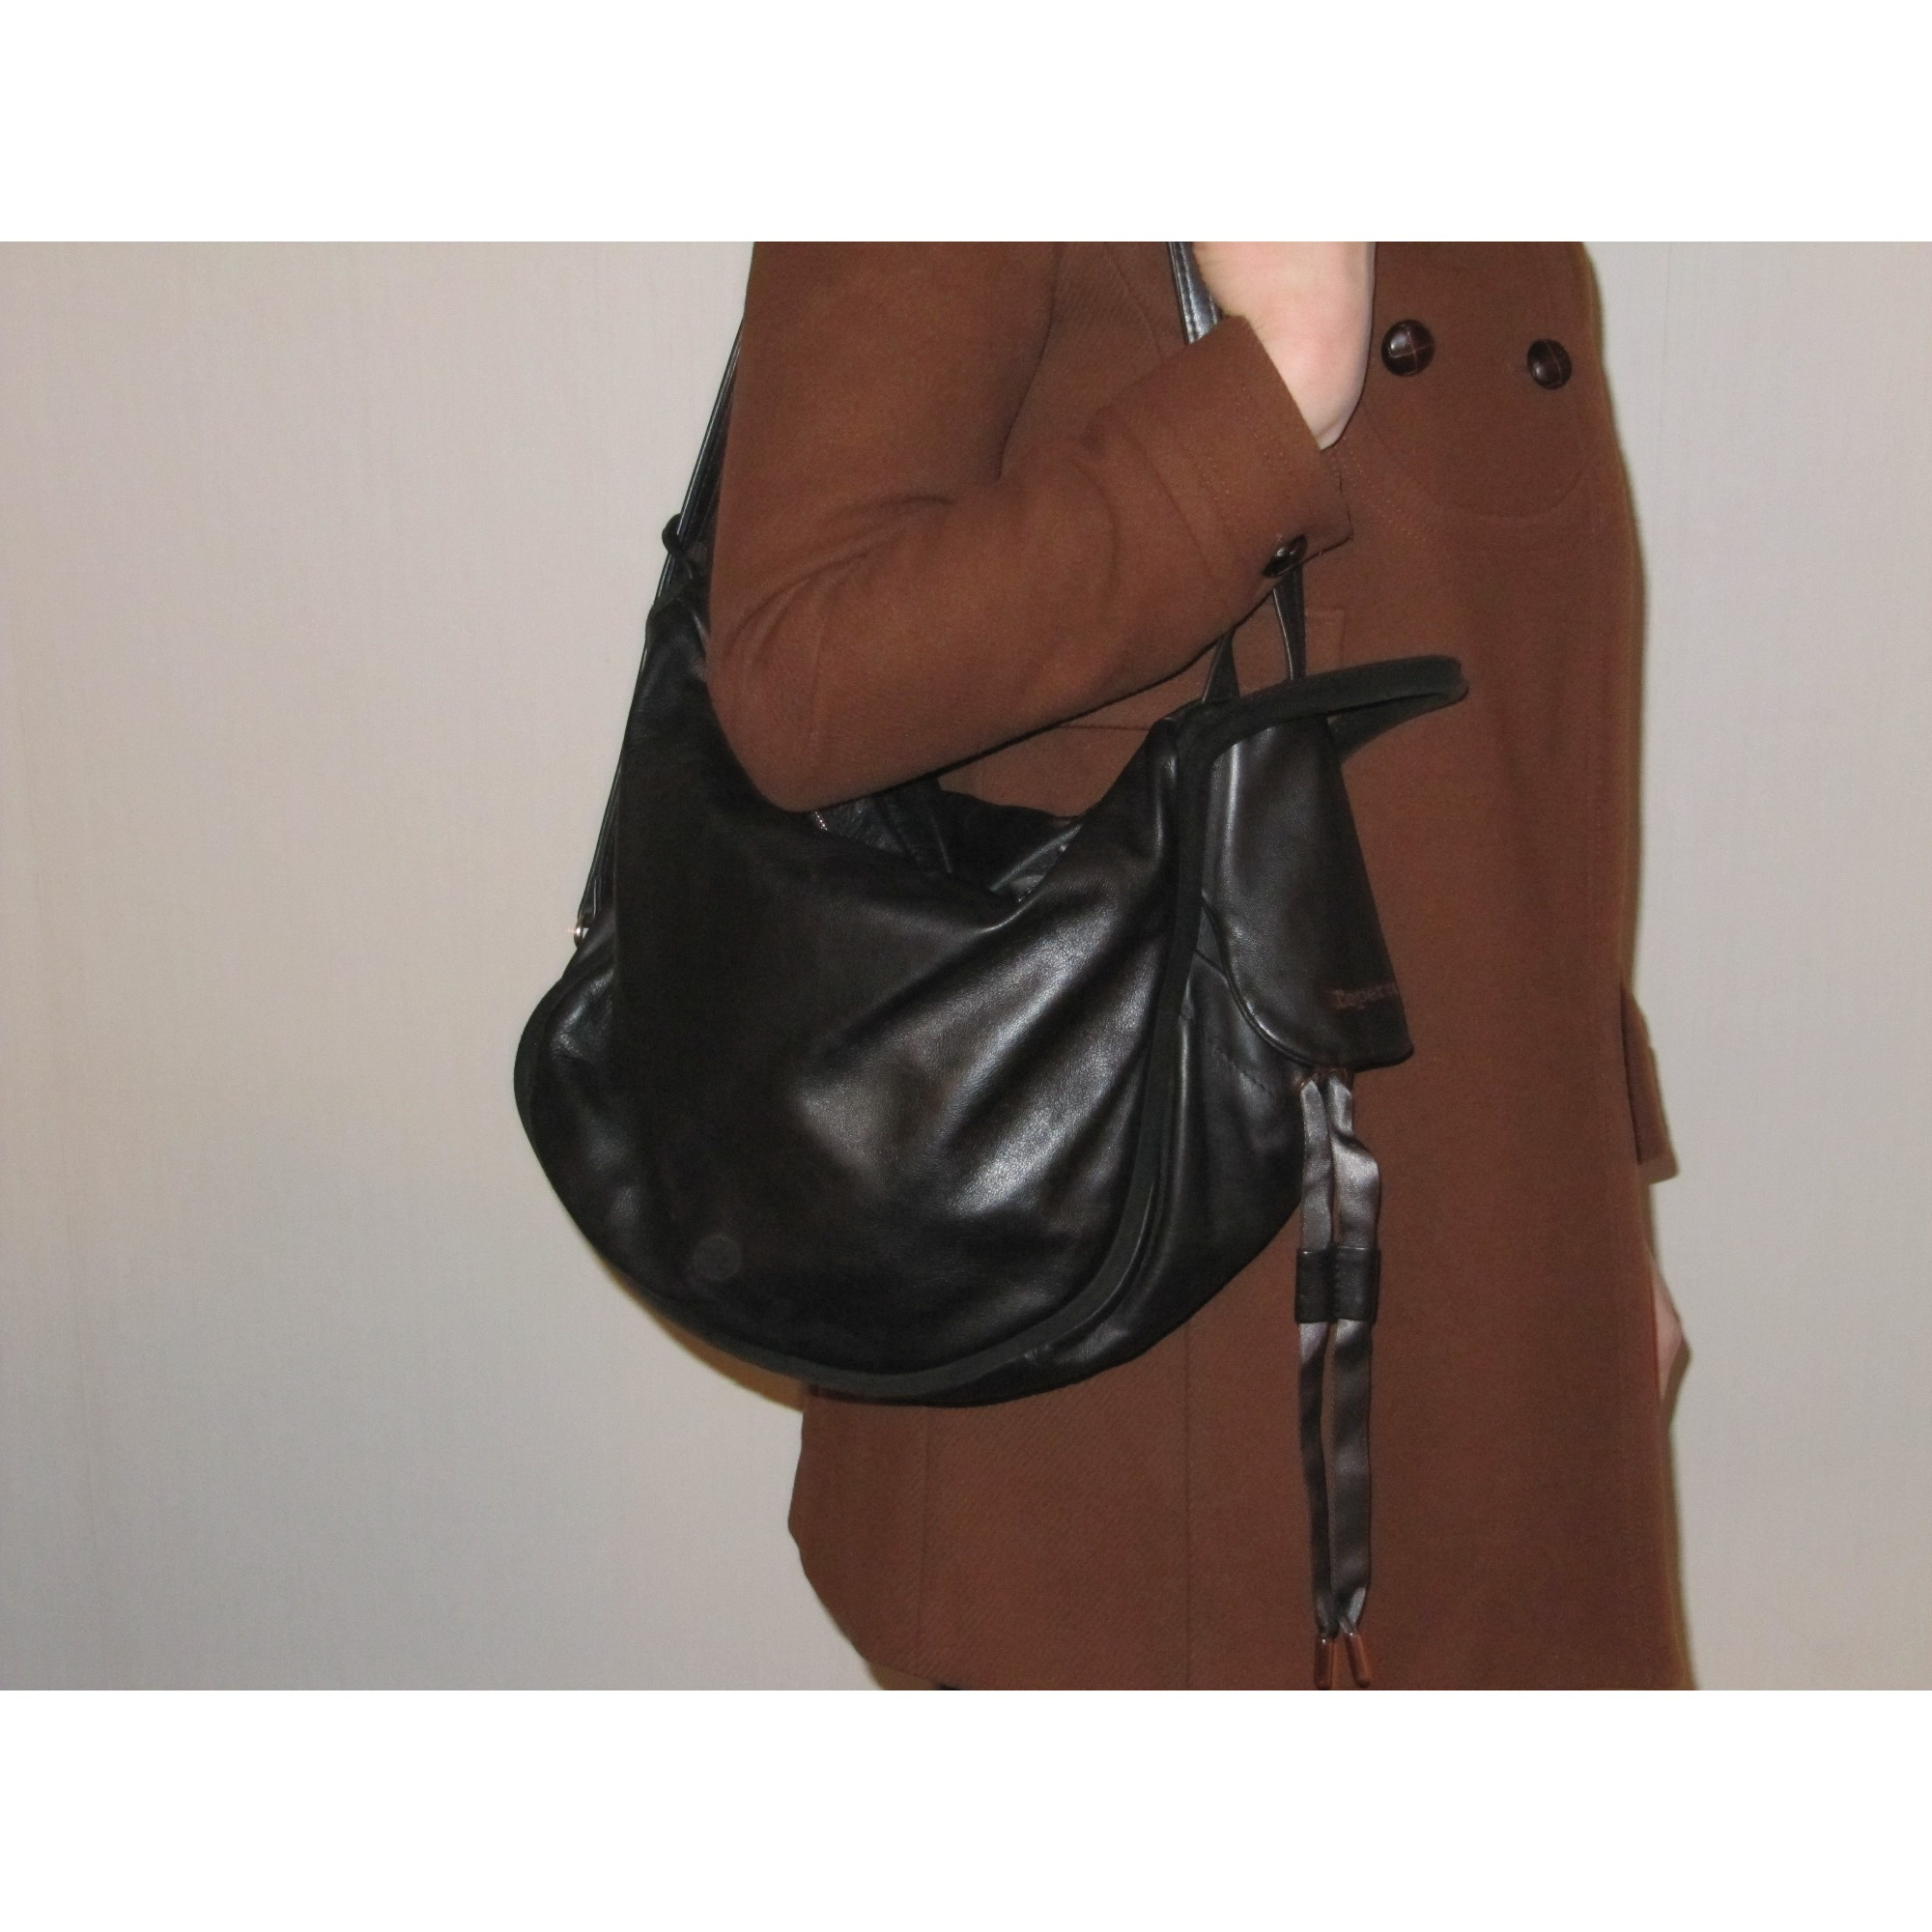 89058586b0 Sac à main en cuir REPETTO noir vendu par Lucination258416 - 1045281